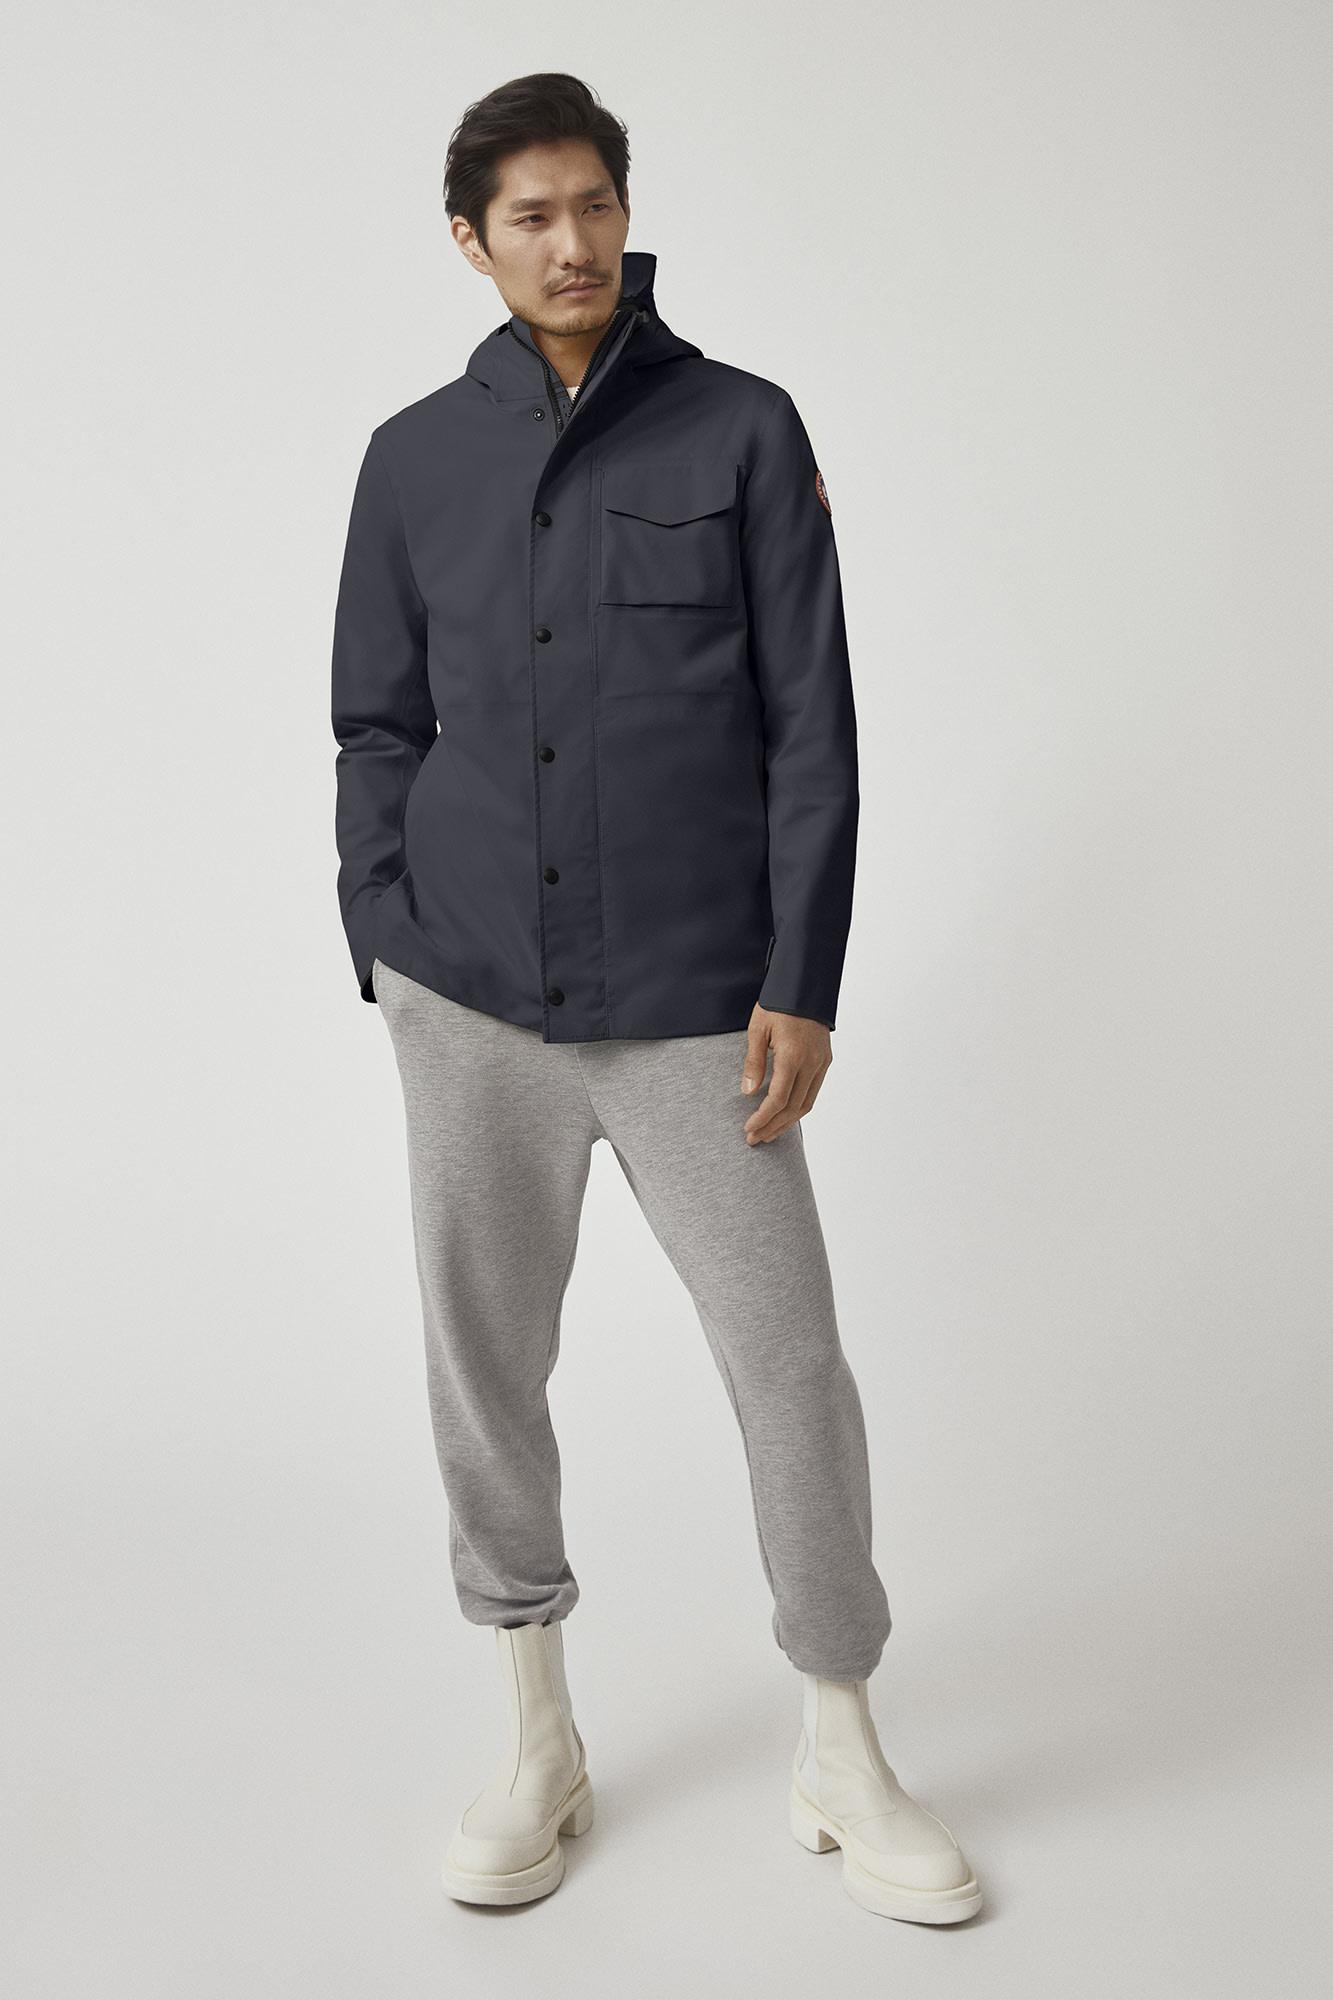 bc02155187 ... Men s Nanaimo Jacket